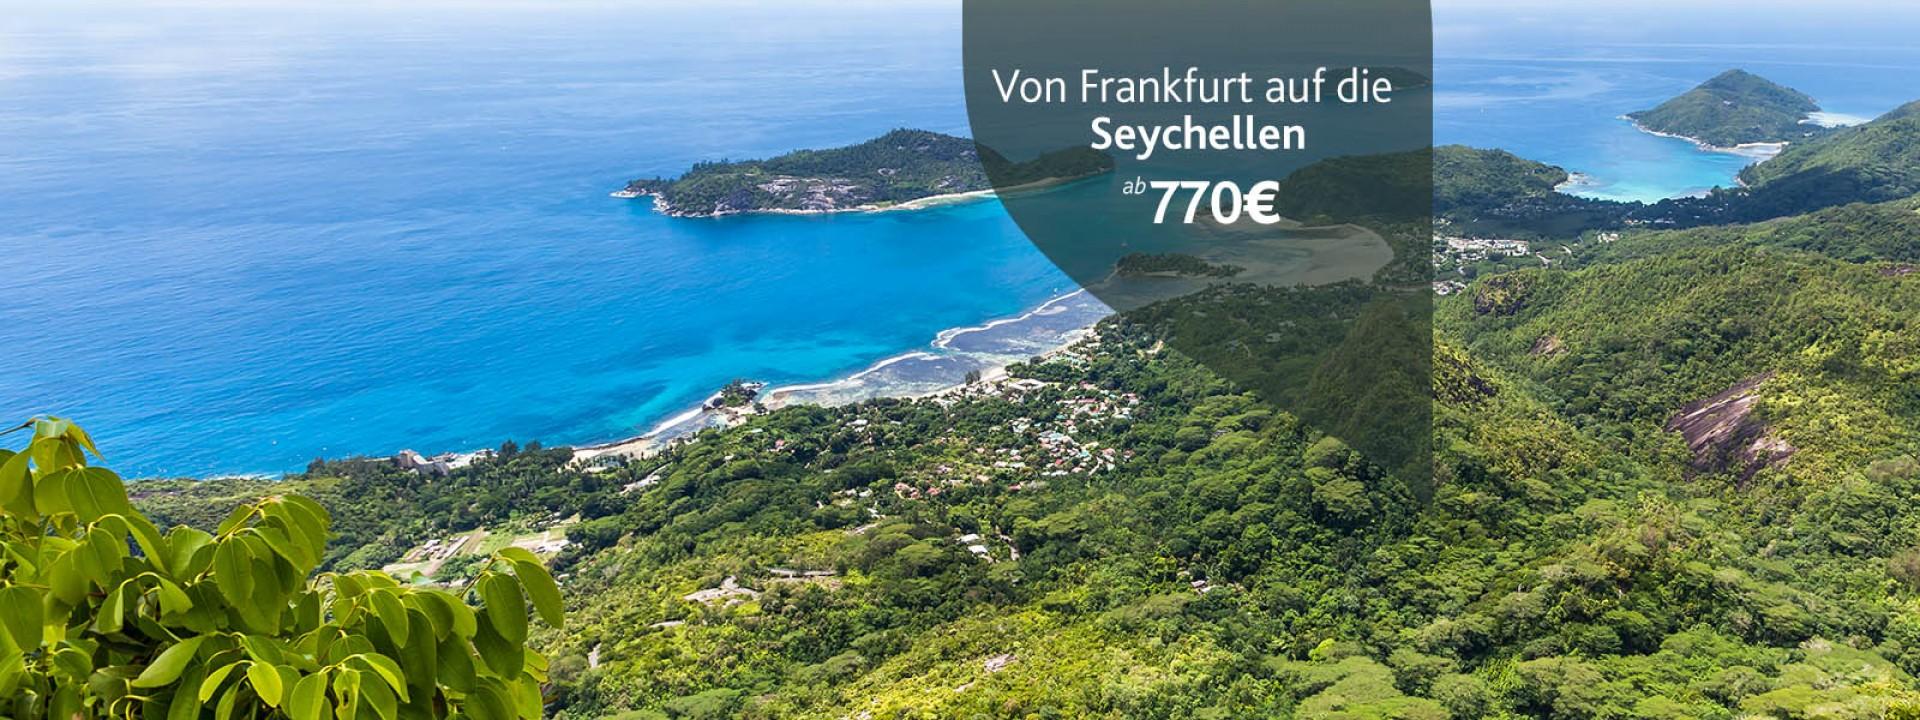 flüge-von-frankfurt-nach-mahe-seychellen-economy